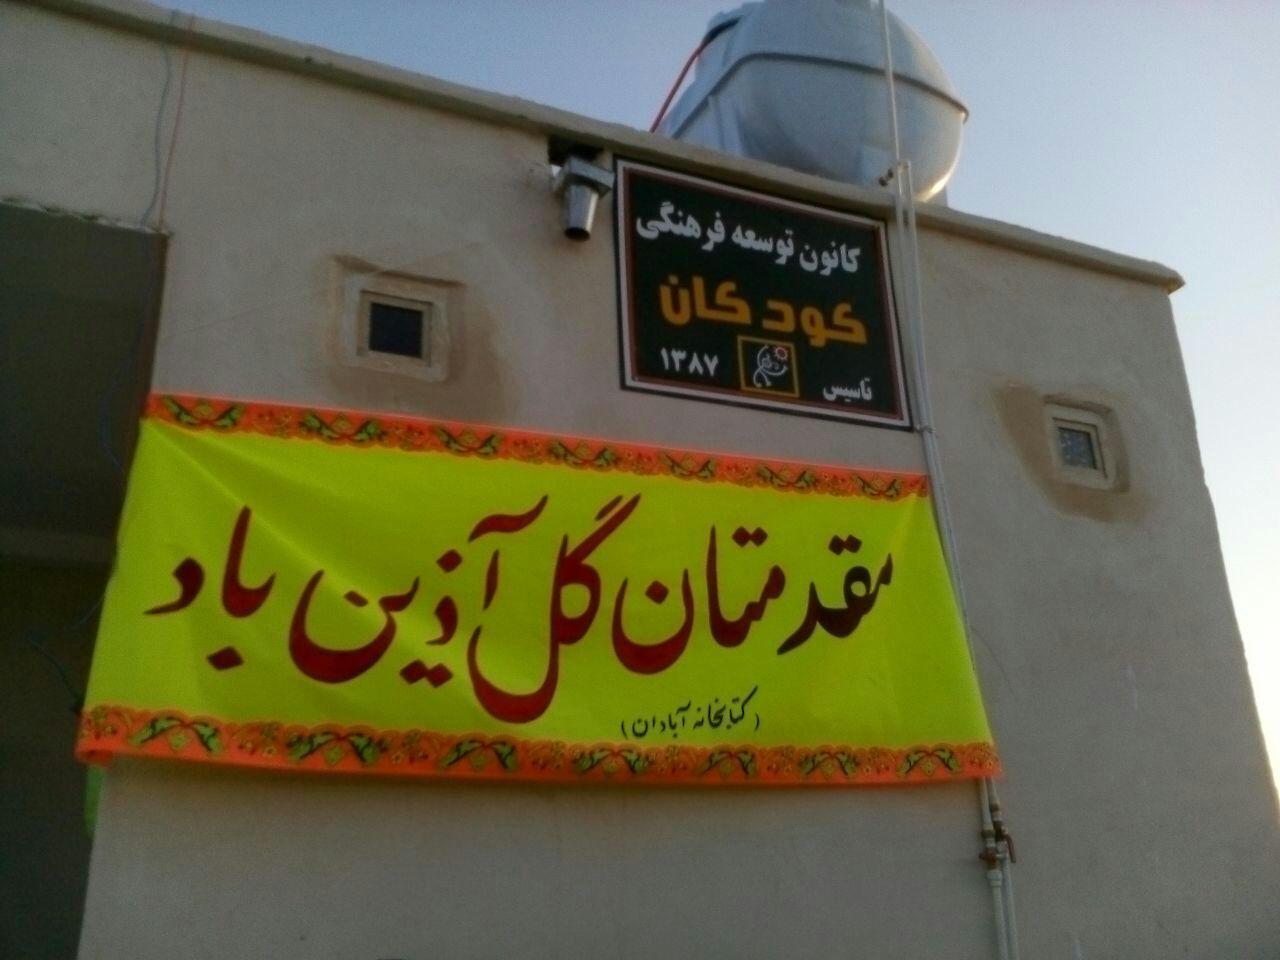 افتتاح کتابخانه آبادان به نقل از خبرگزاری ایسنا